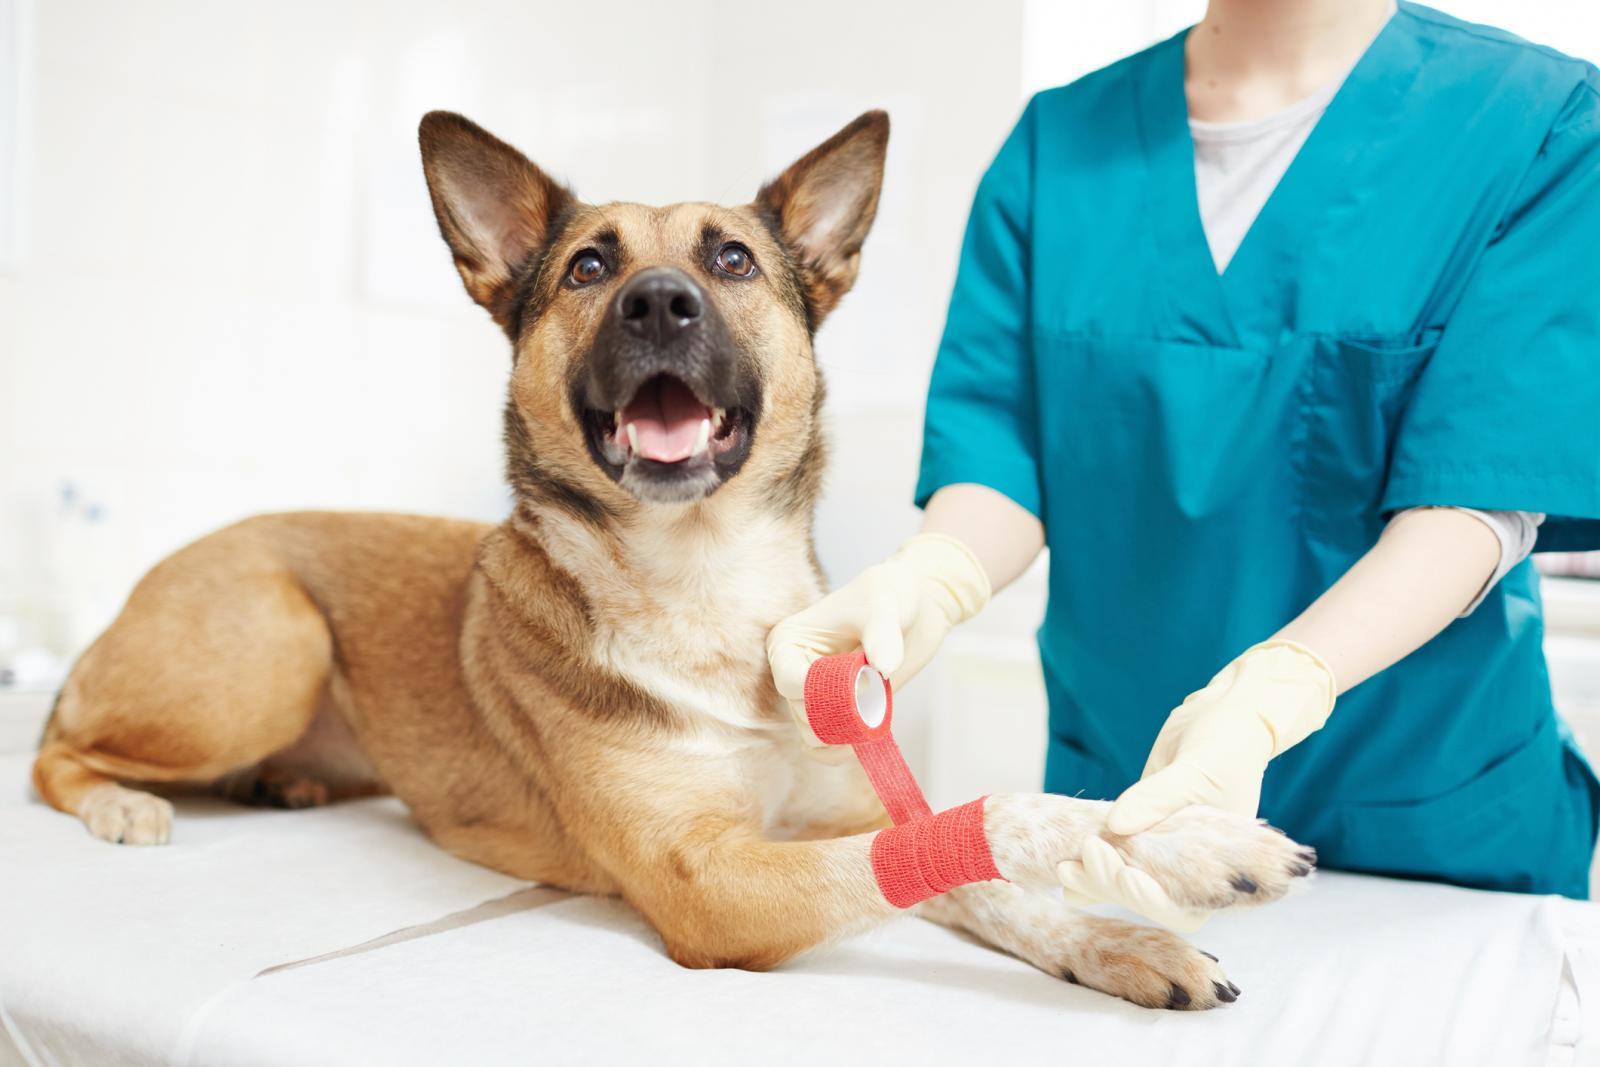 Perro en el veterinario con vendajes en la pata